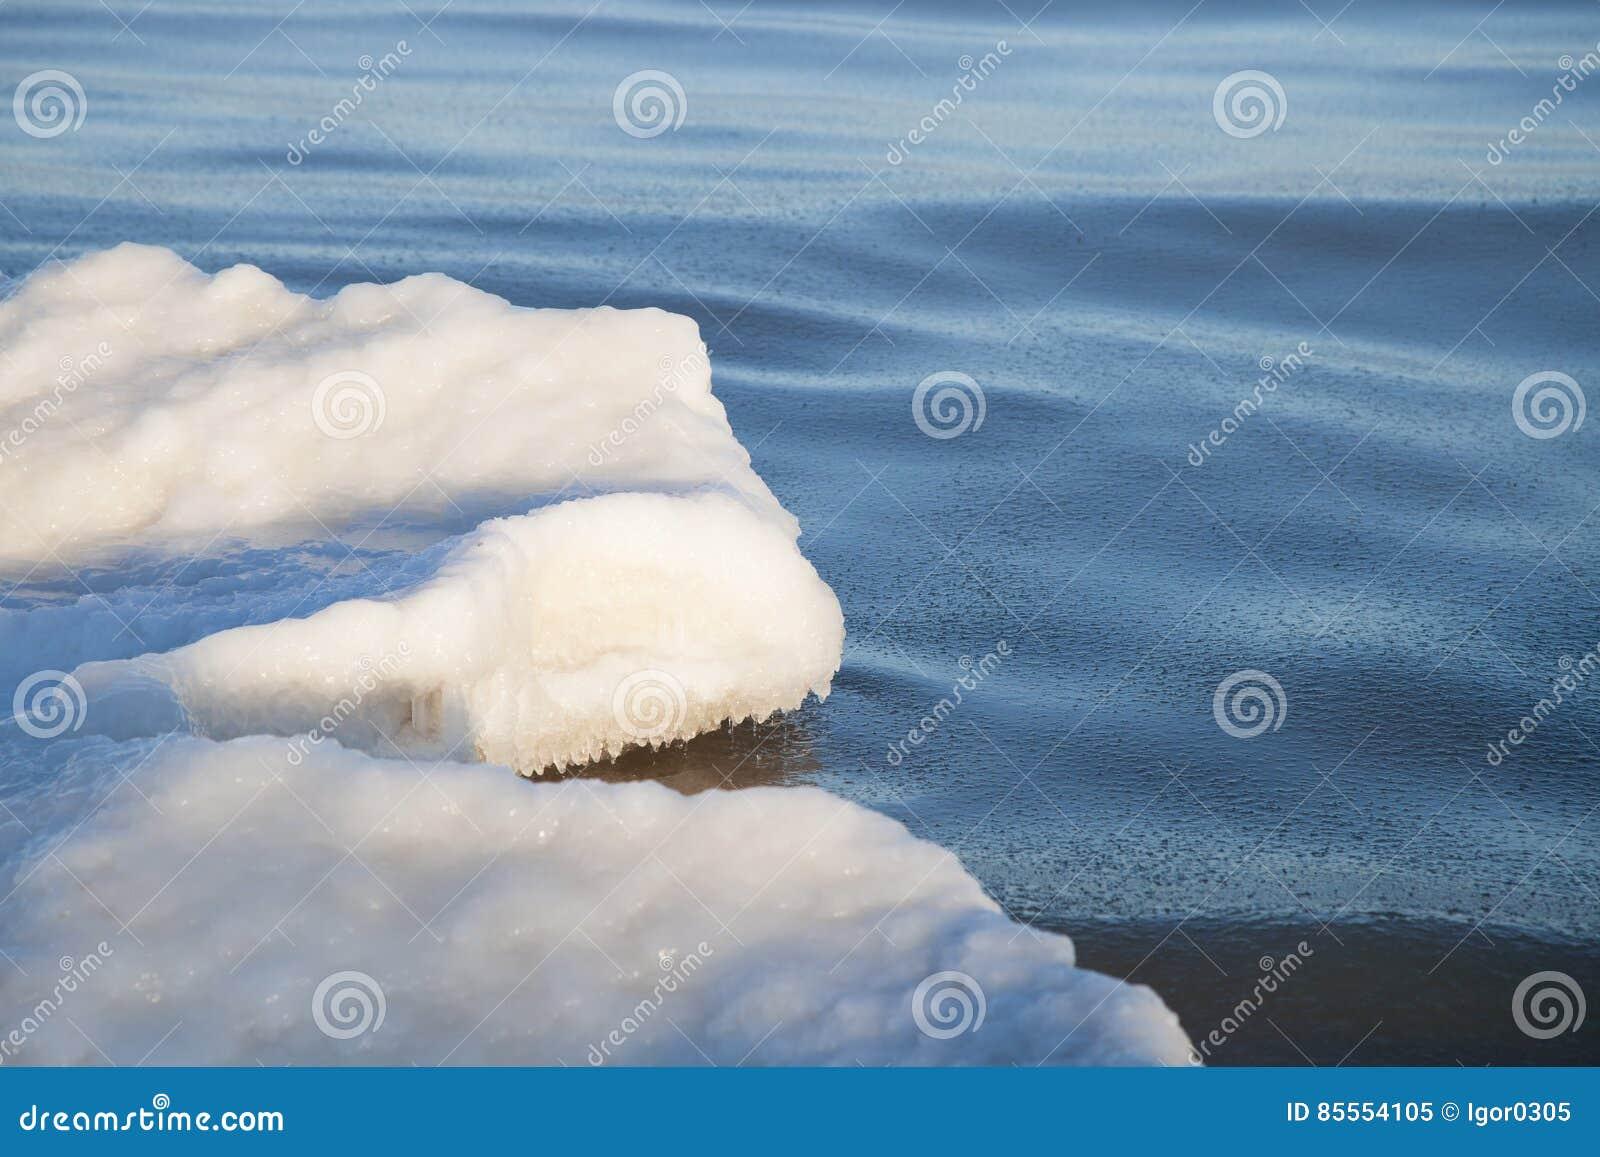 Teil der Eisscholle